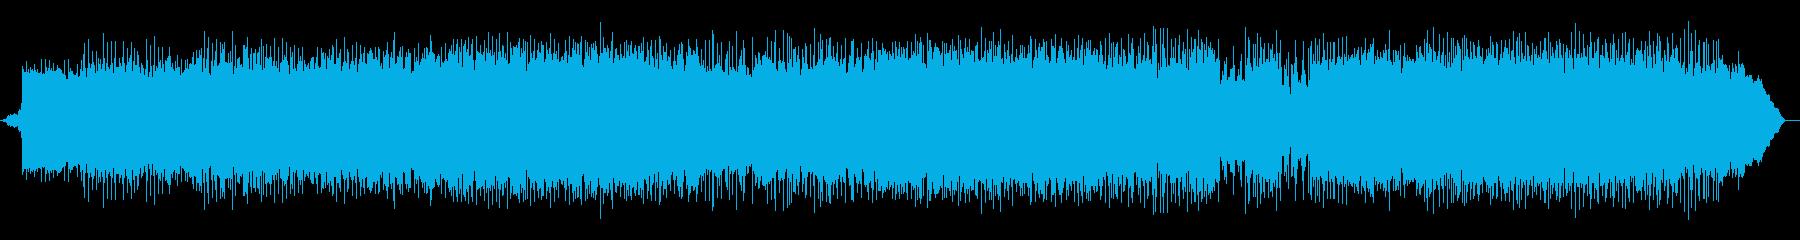 湘南茅ヶ崎をイメージしたフォークバラードの再生済みの波形